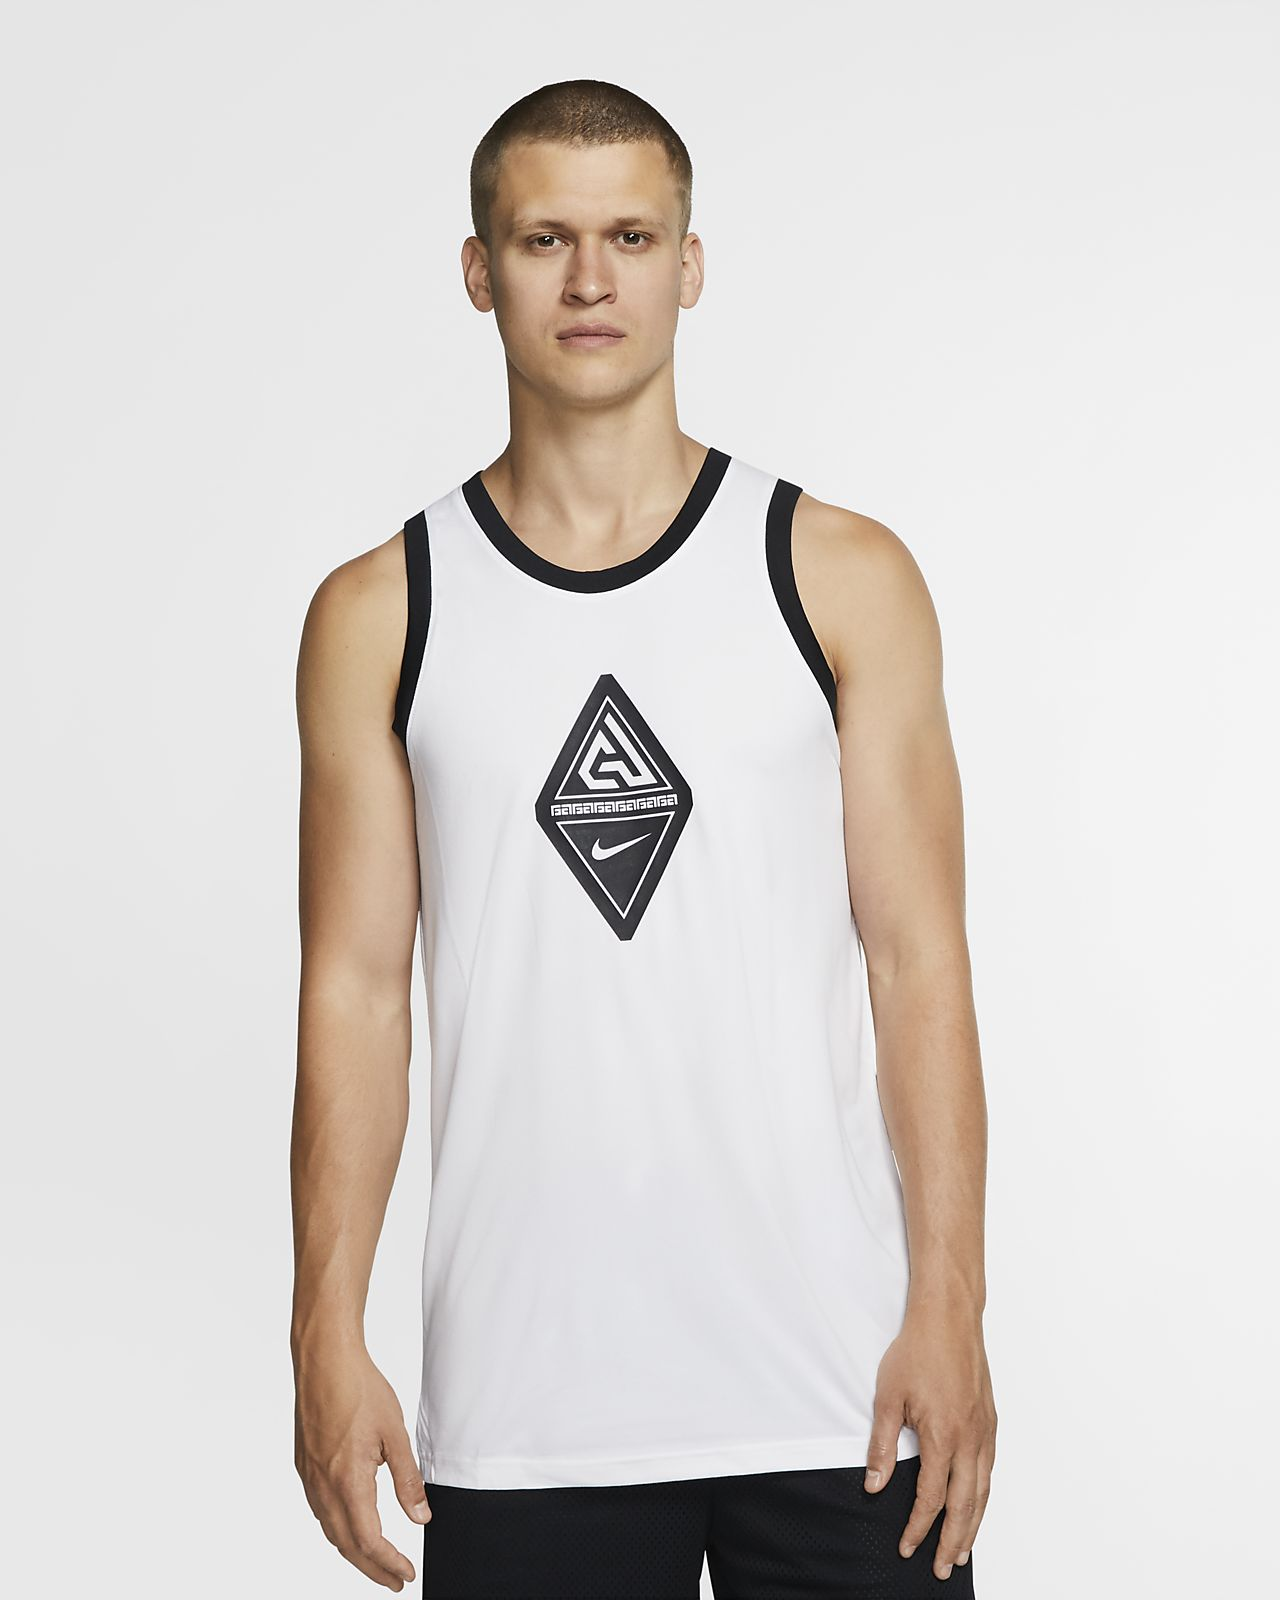 Camisola de basquetebol sem mangas com logótipo Giannis para homem